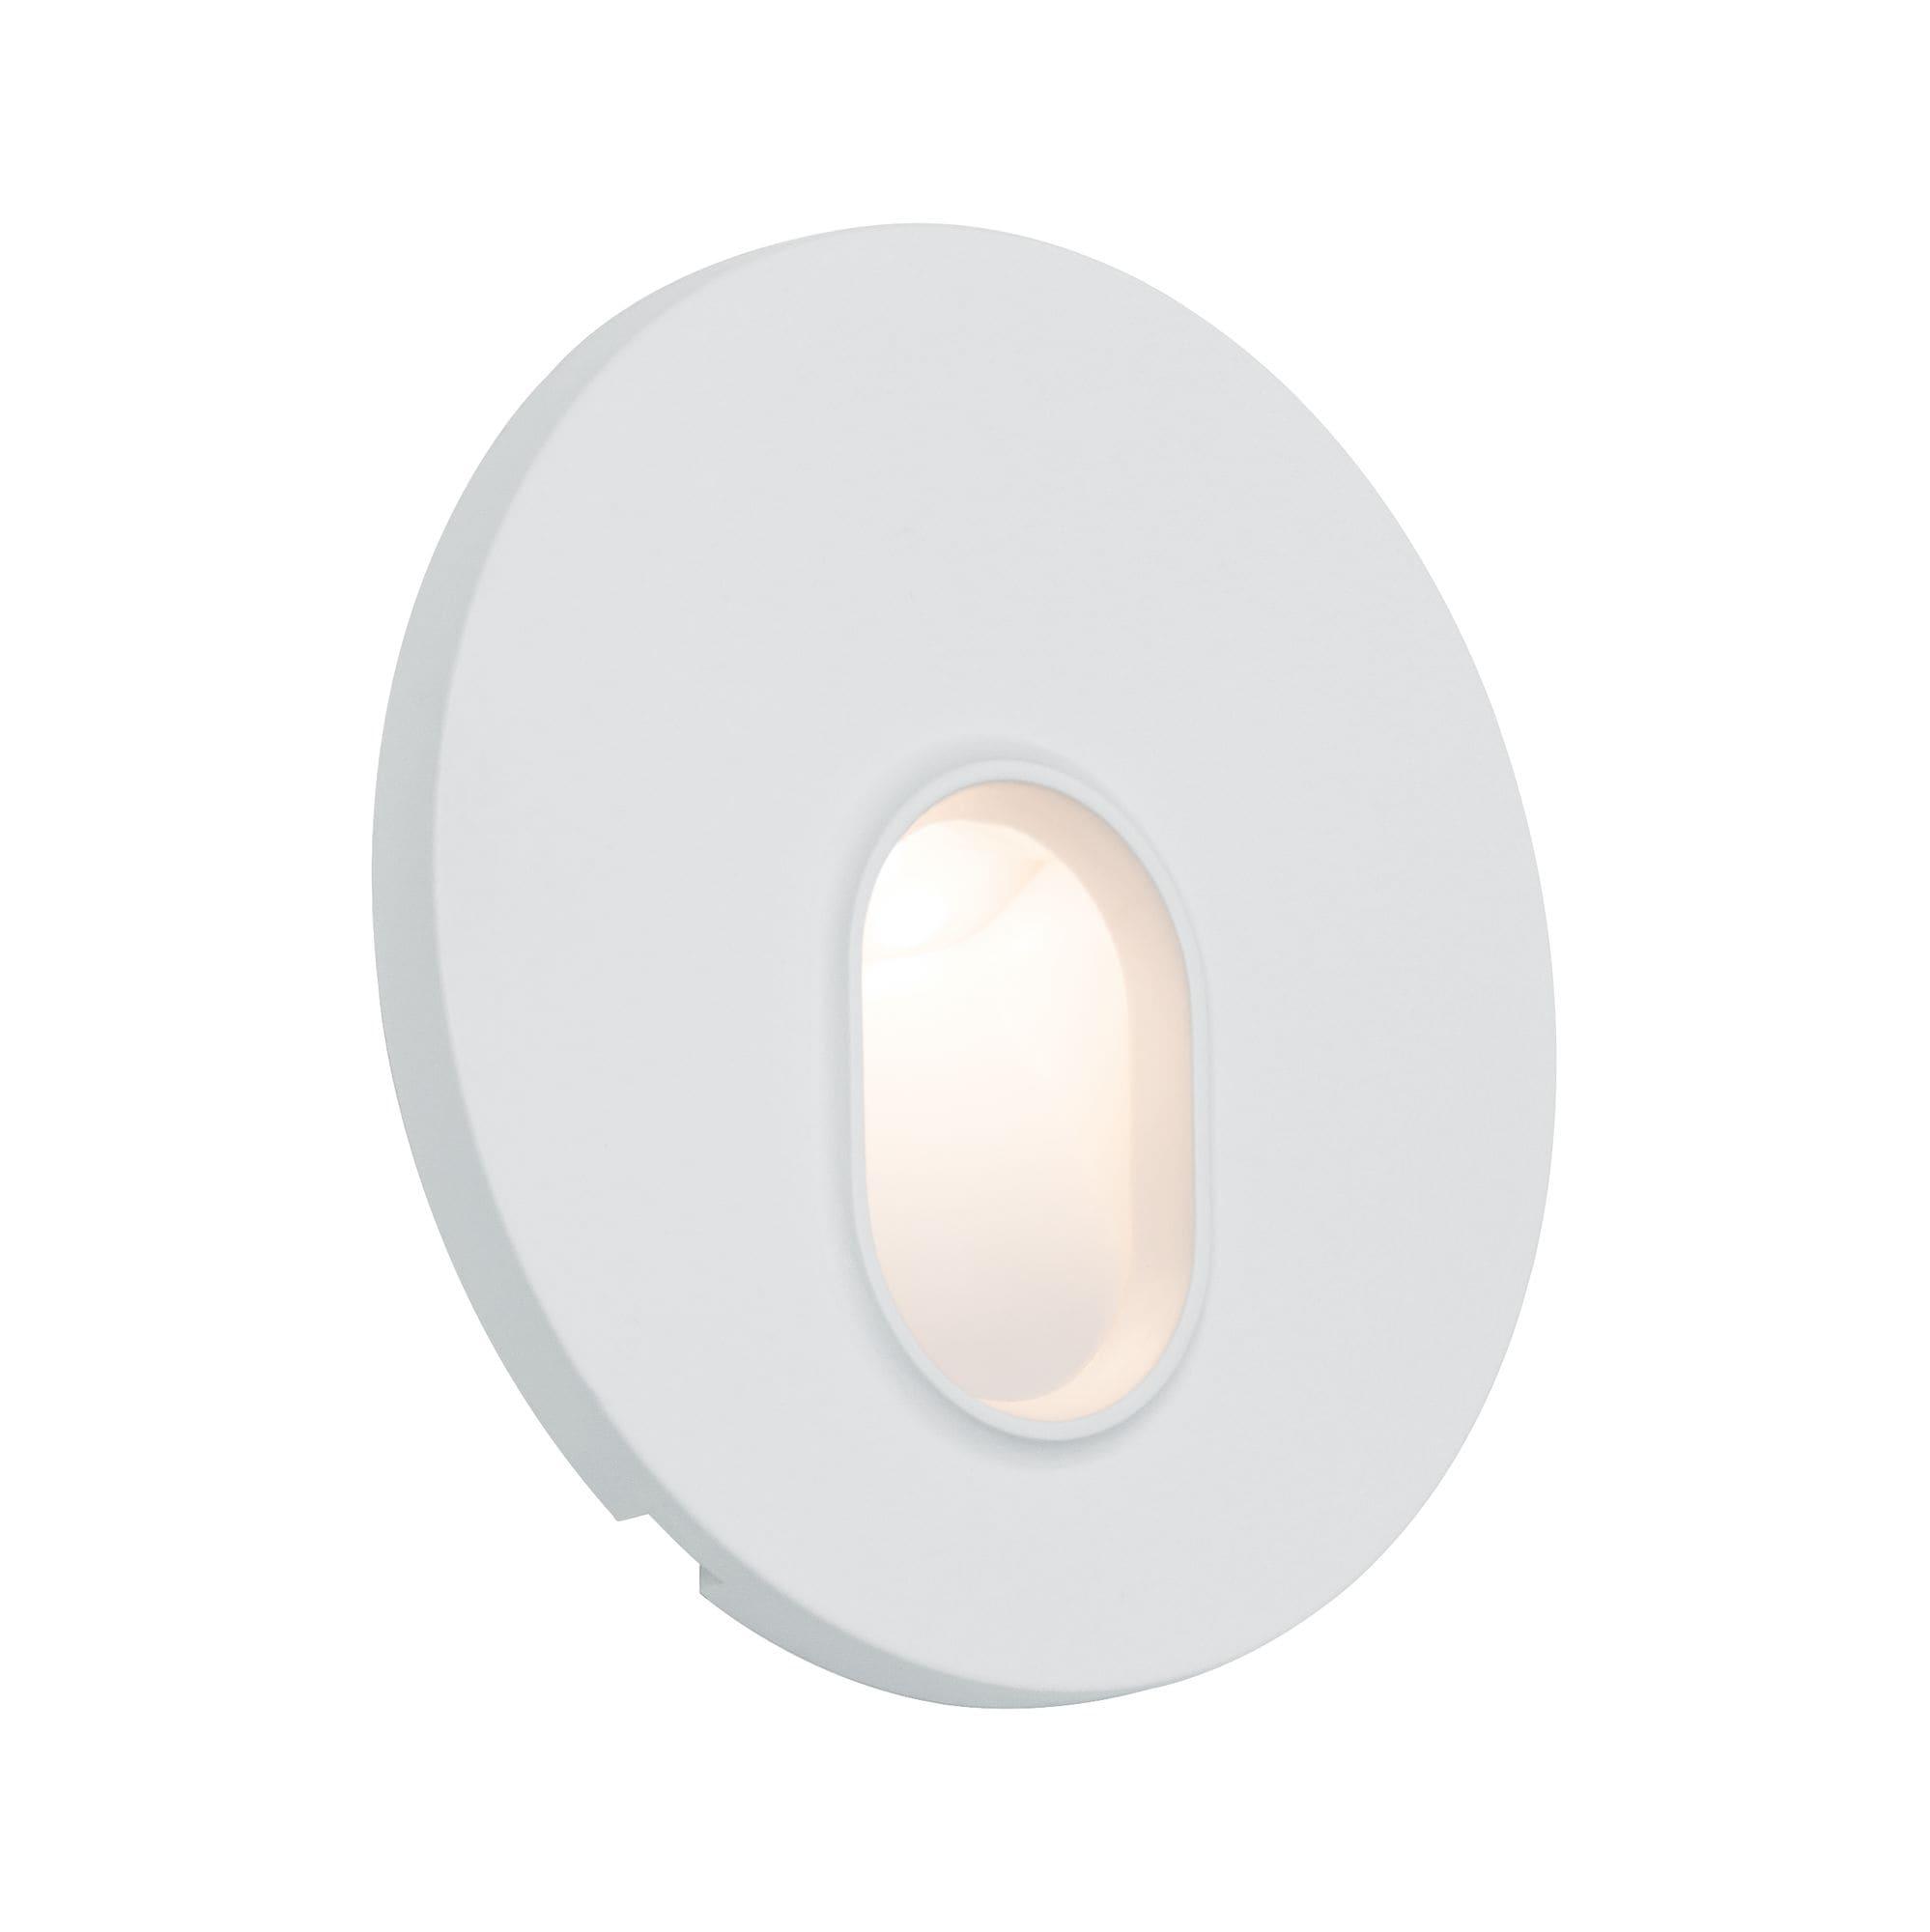 Paulmann,LED Wandleuchte Einbauleuchte rund Weiß 1,7W